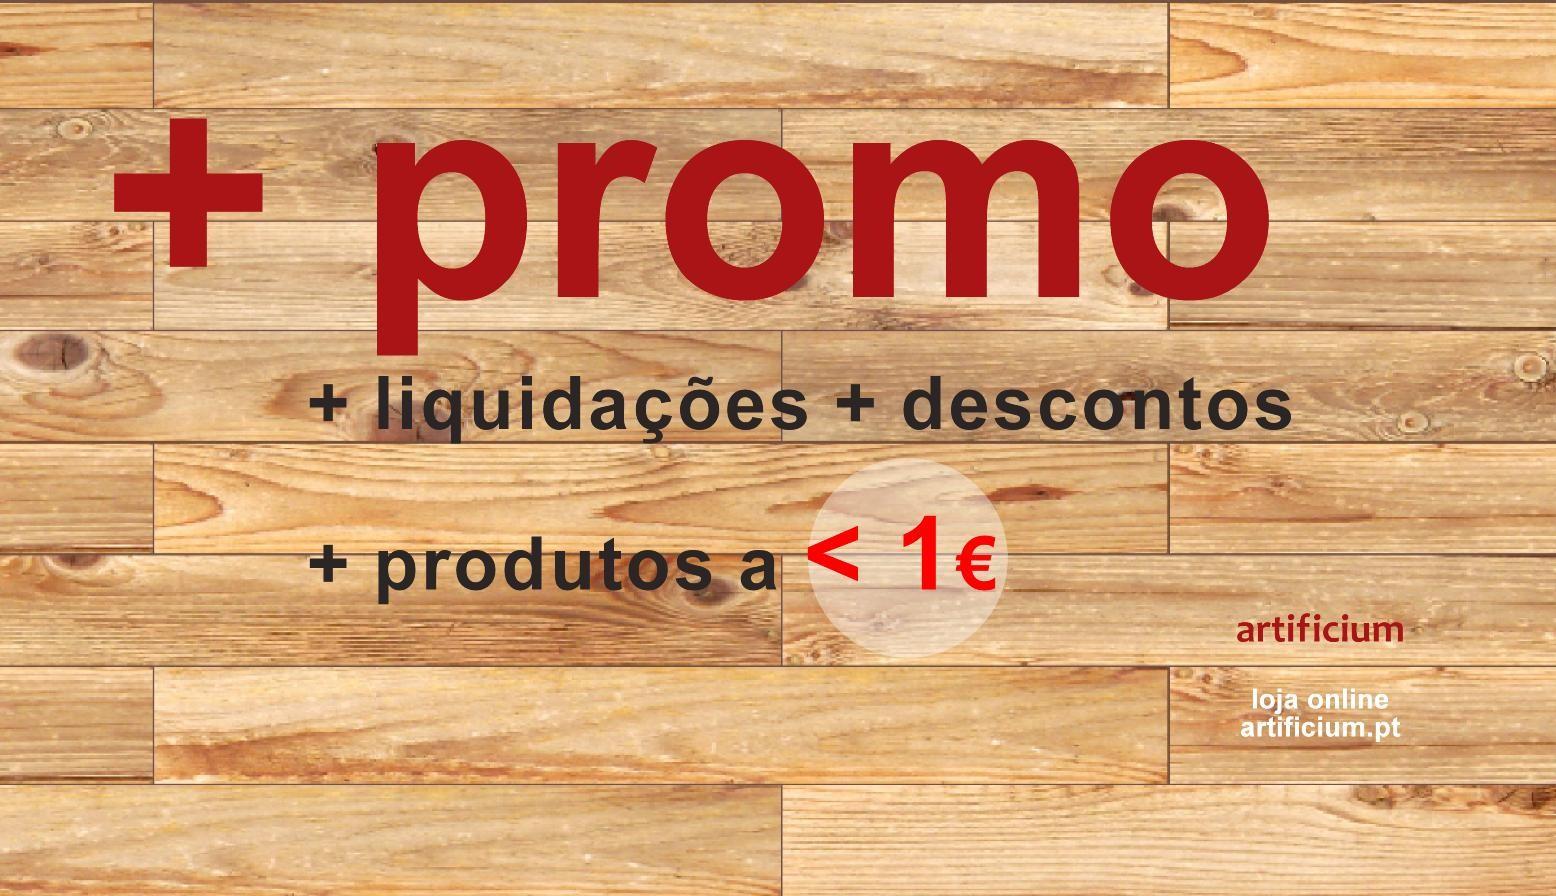 + promo + saldos - 1€